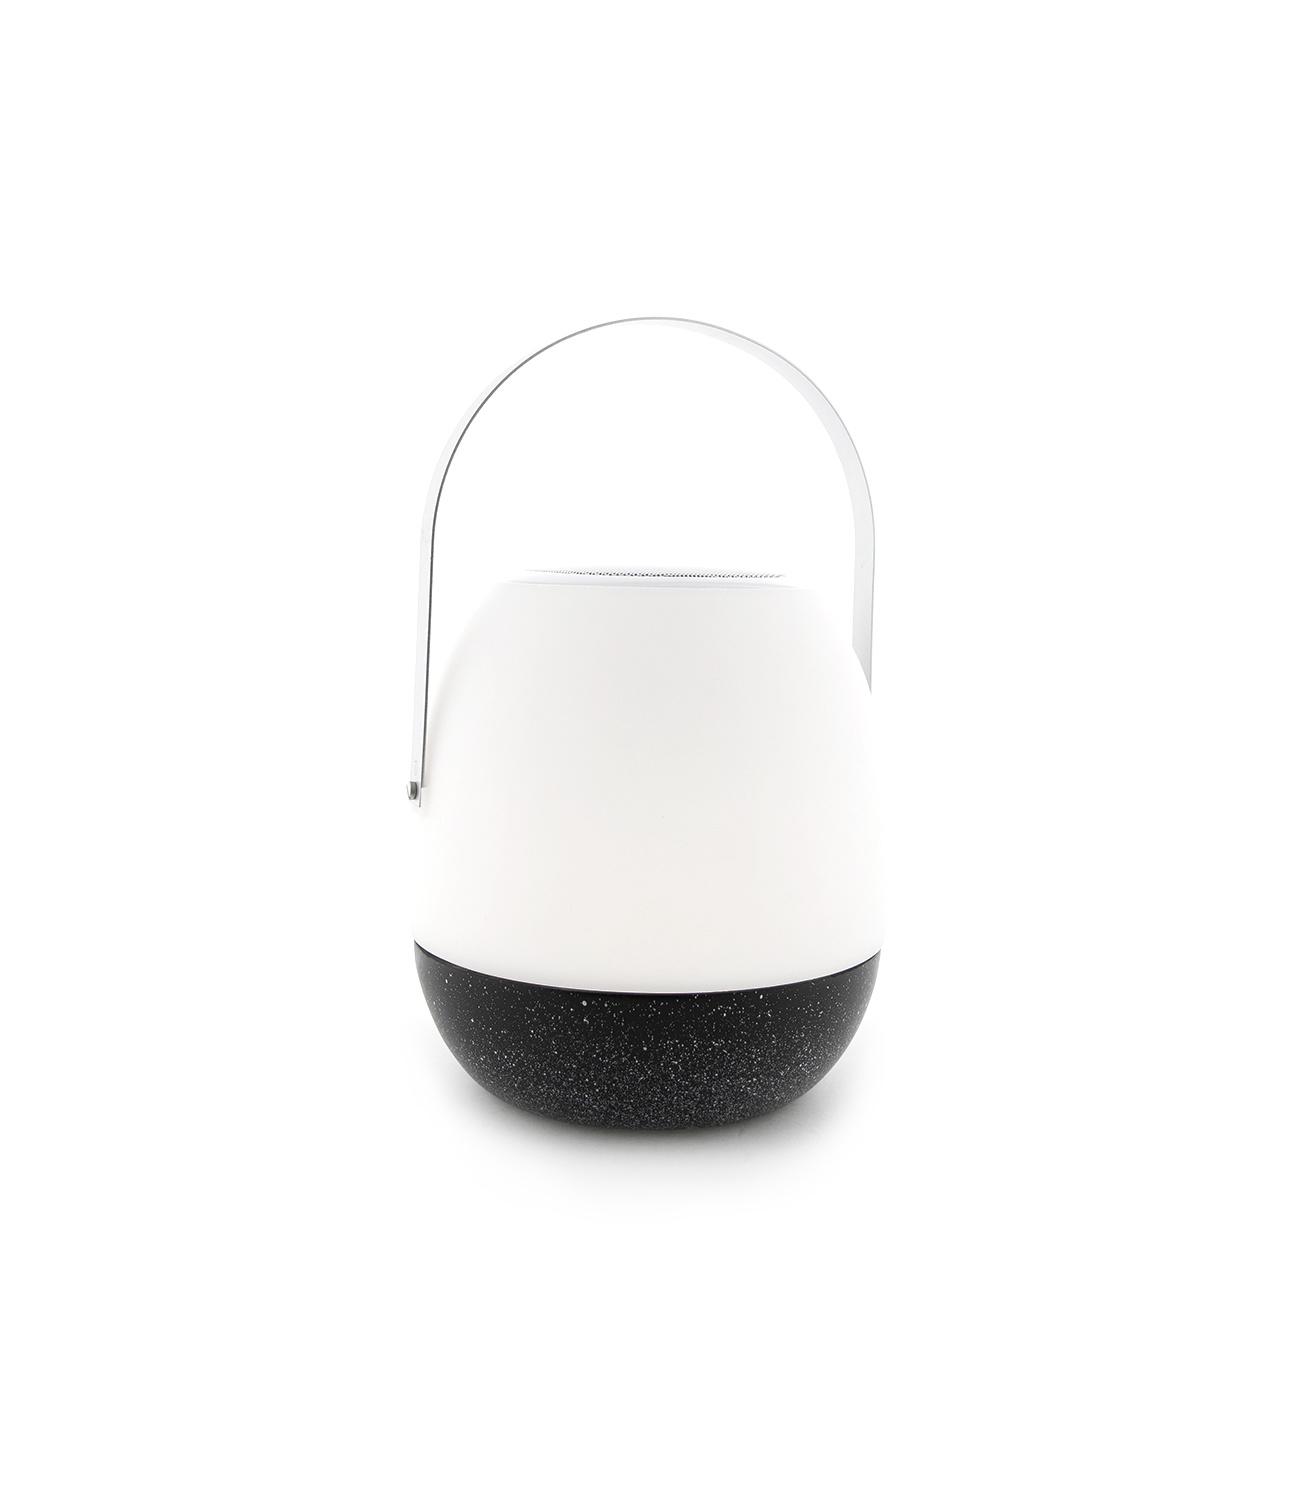 Tischlampe im Freien Pine + Lautsprecher Schwarz-1